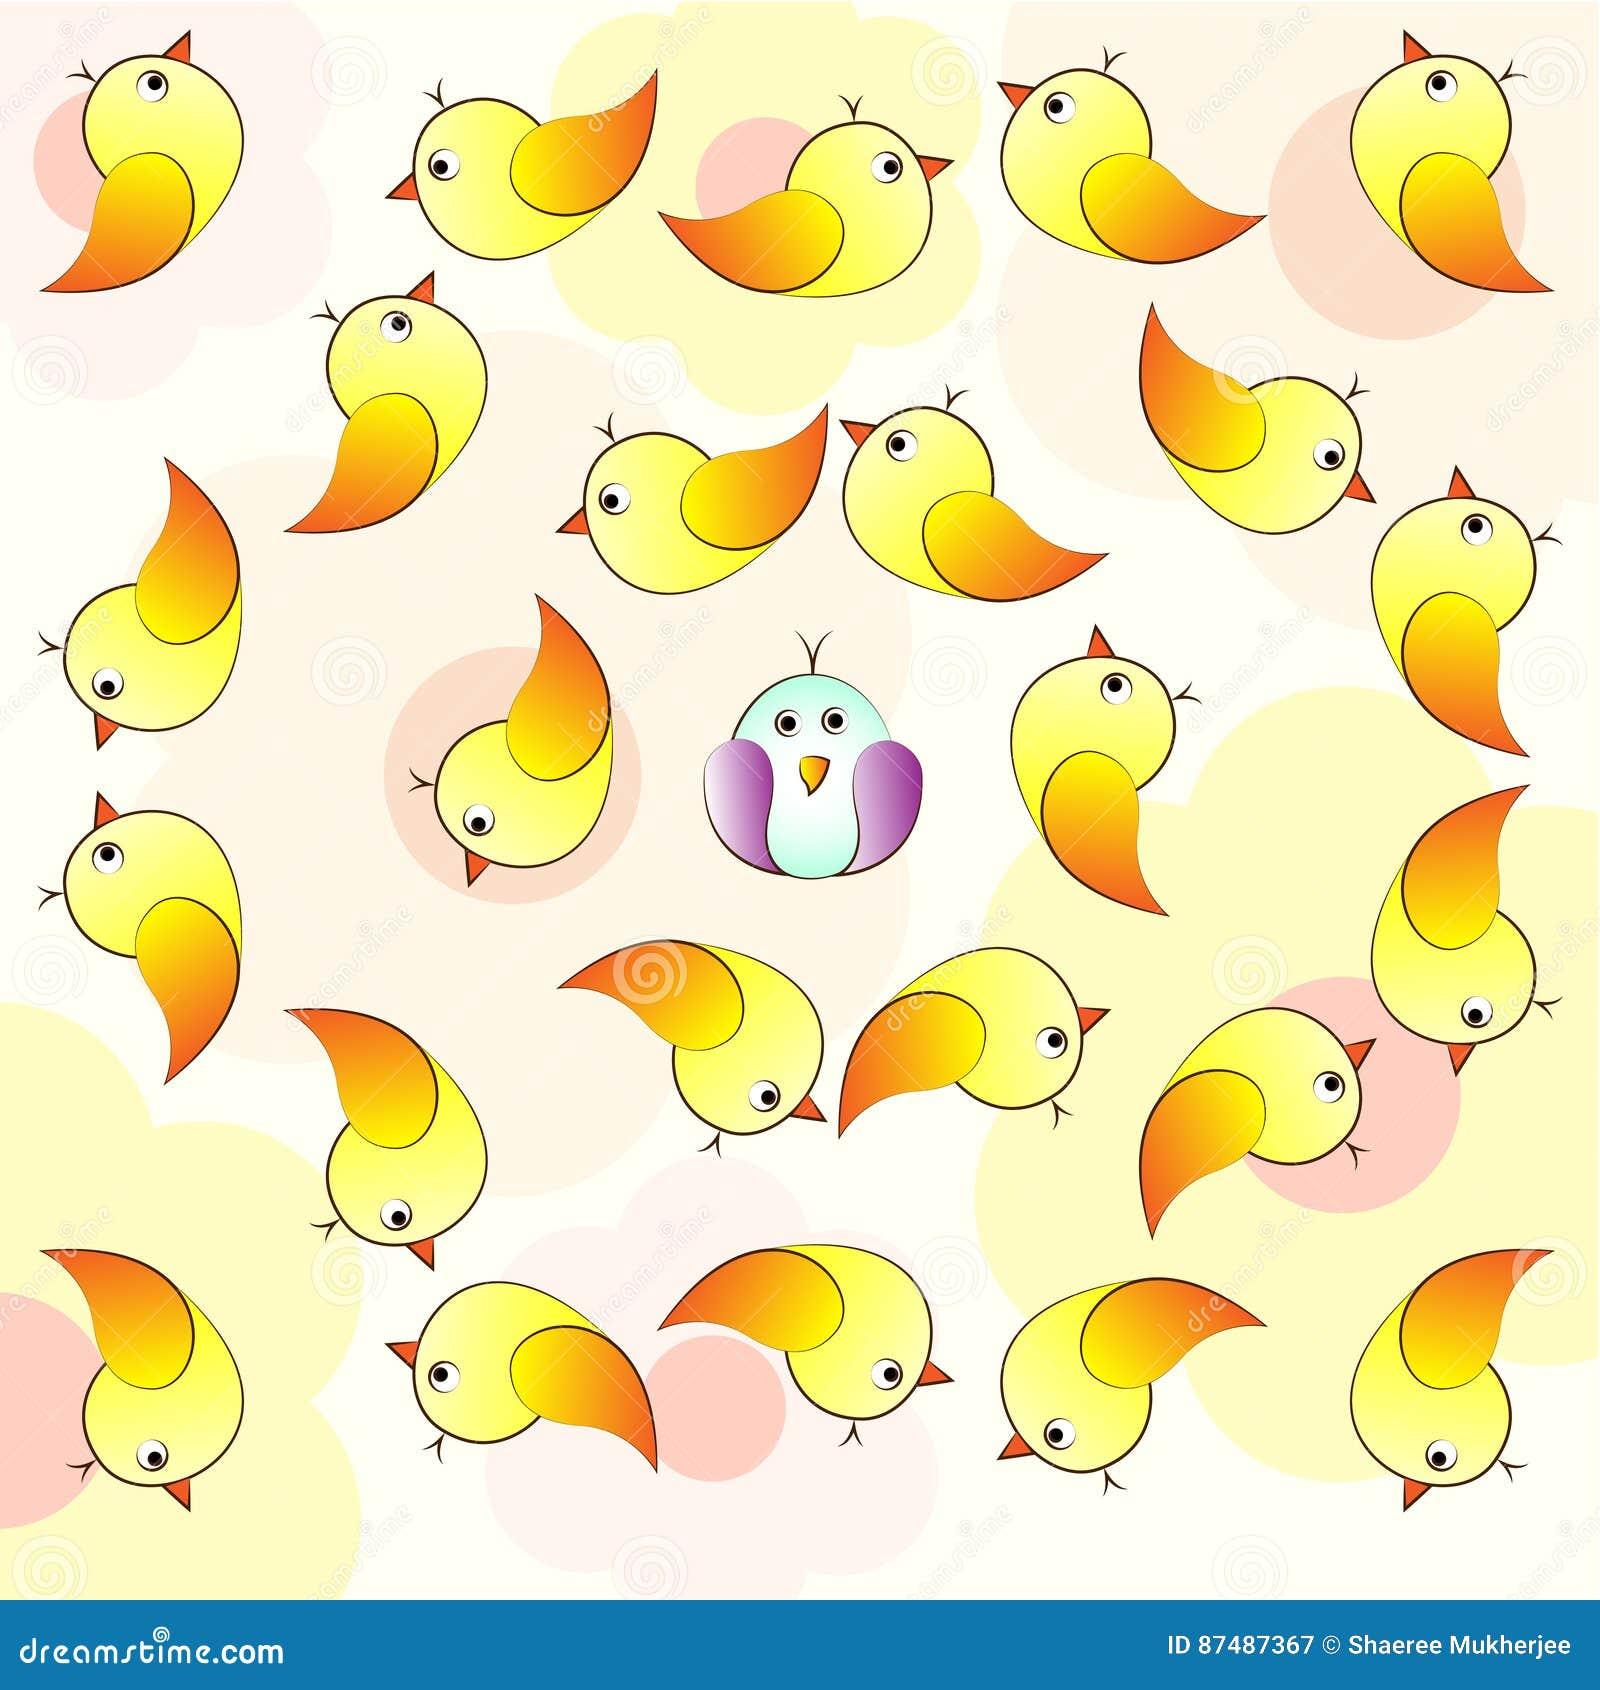 Bird Crowd Pattern